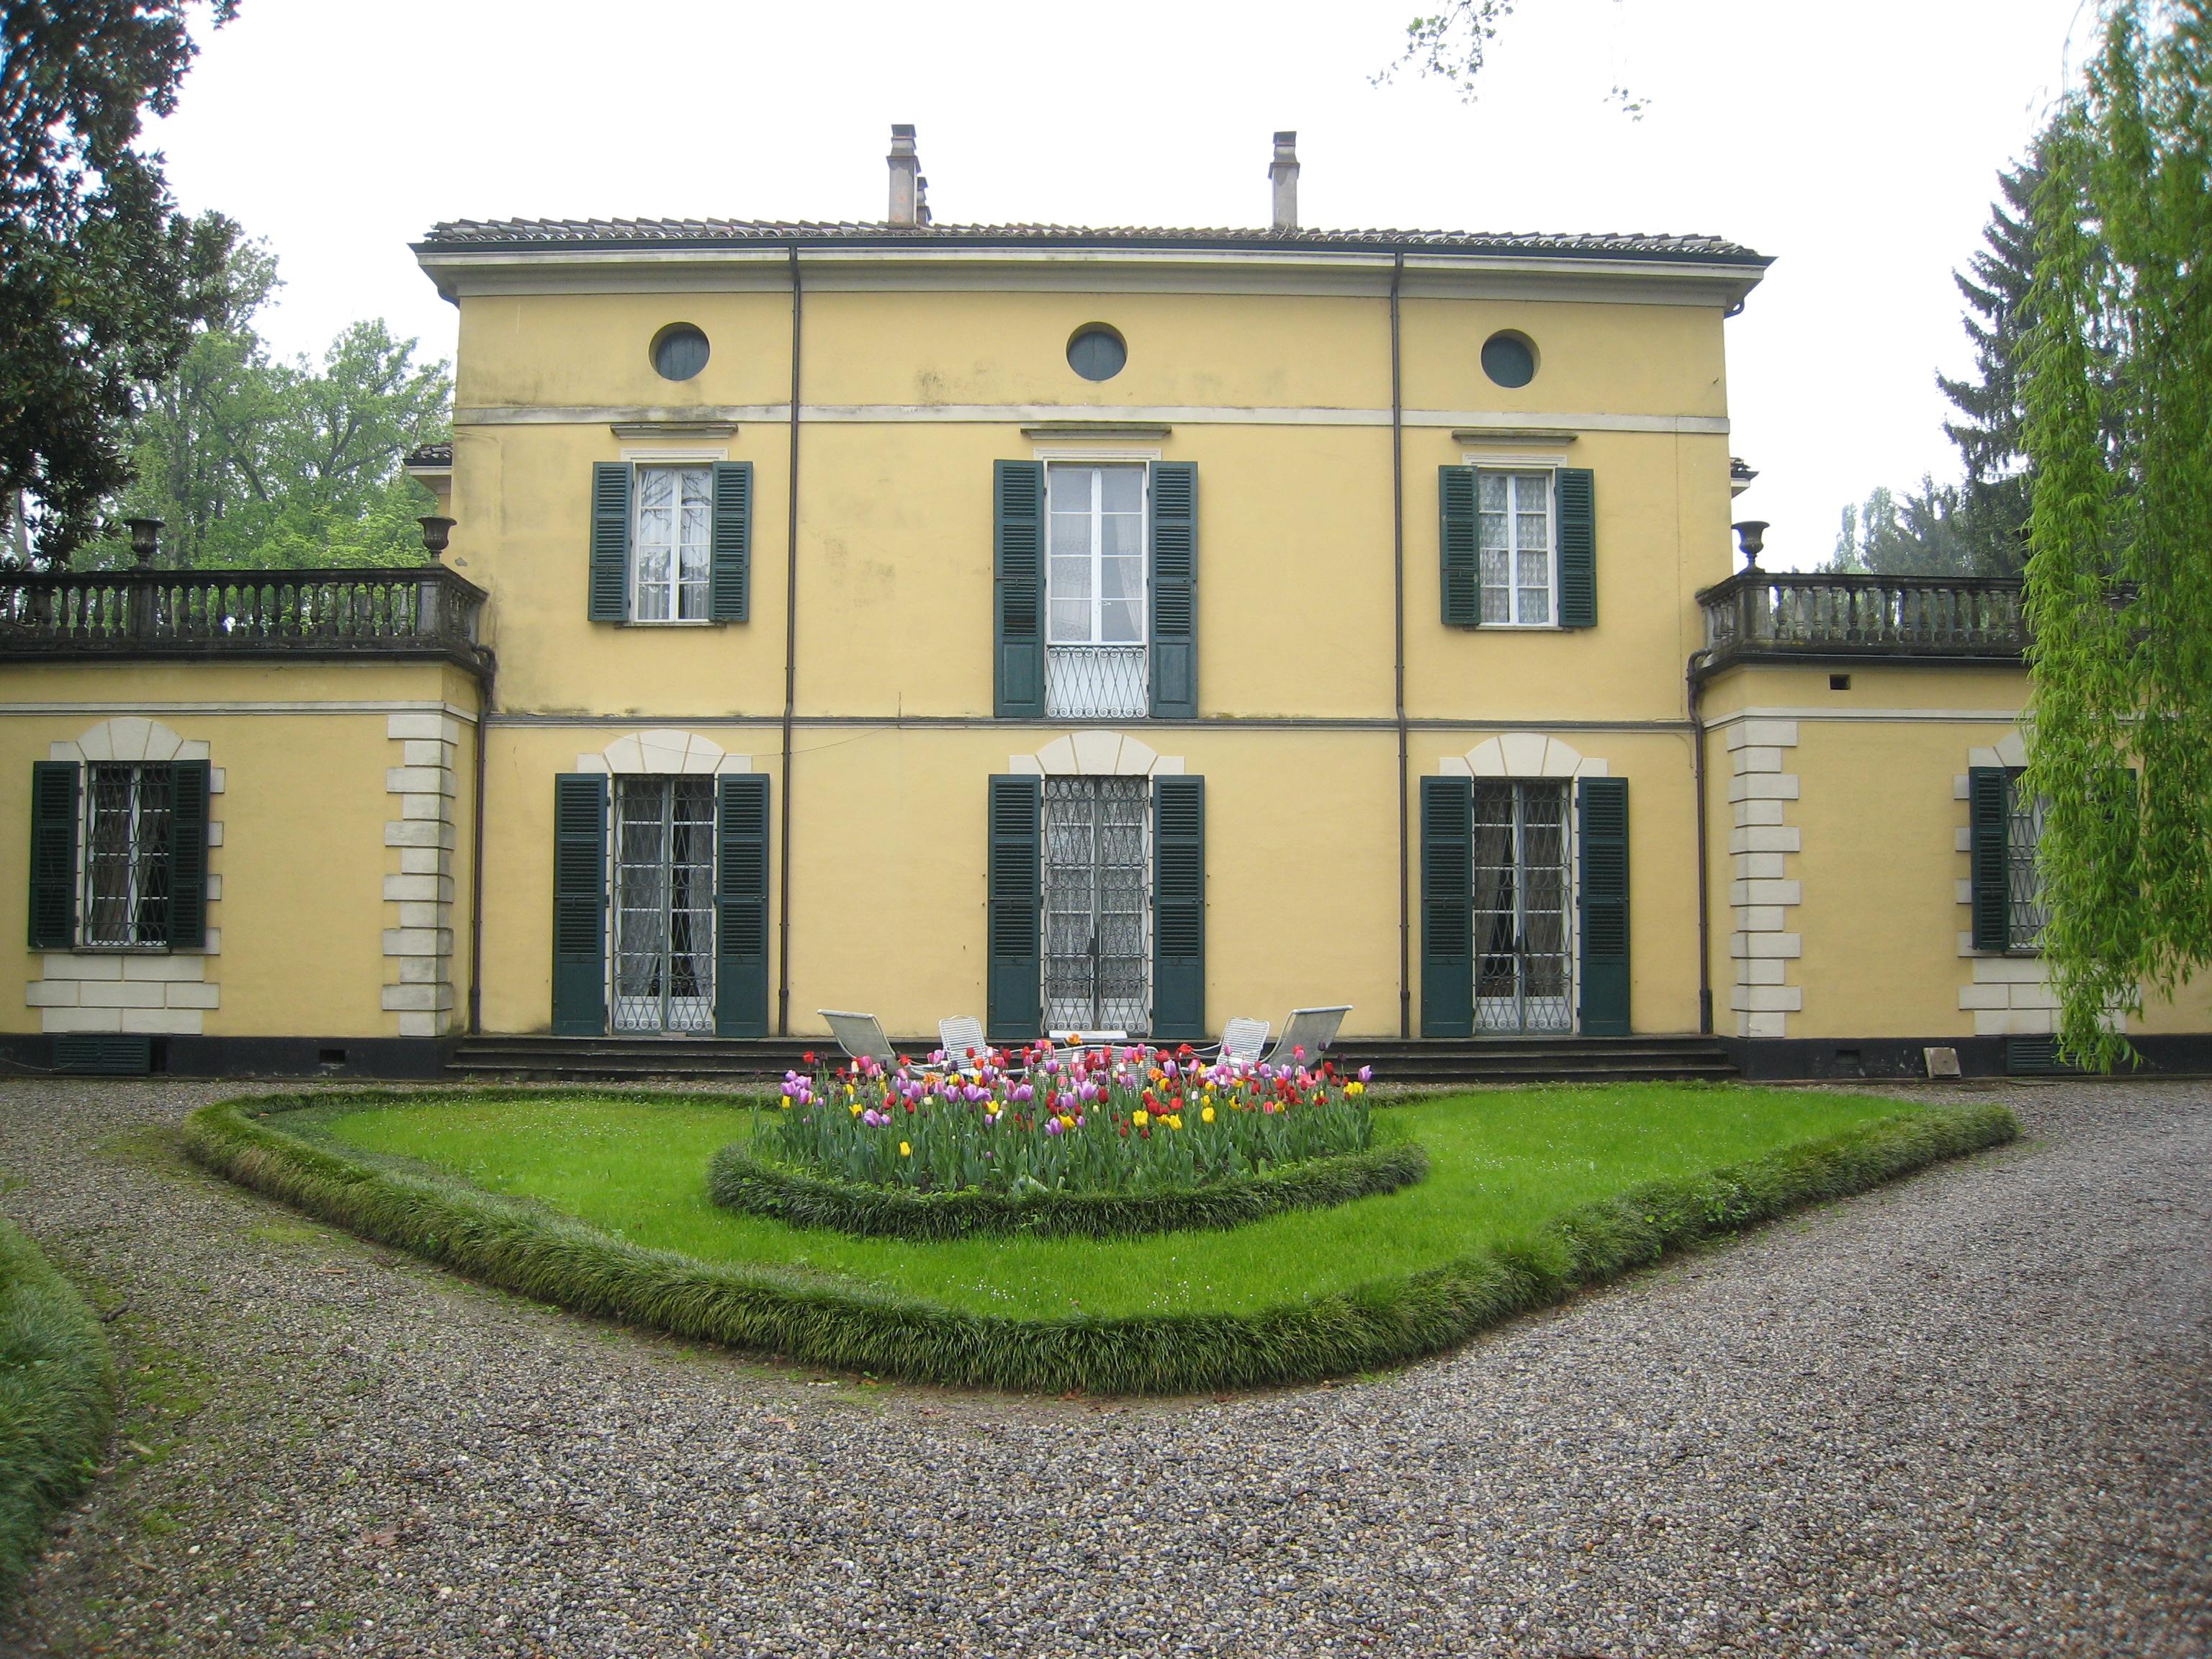 Villa Verdi en Sant'Agata, su residencia en Busseto